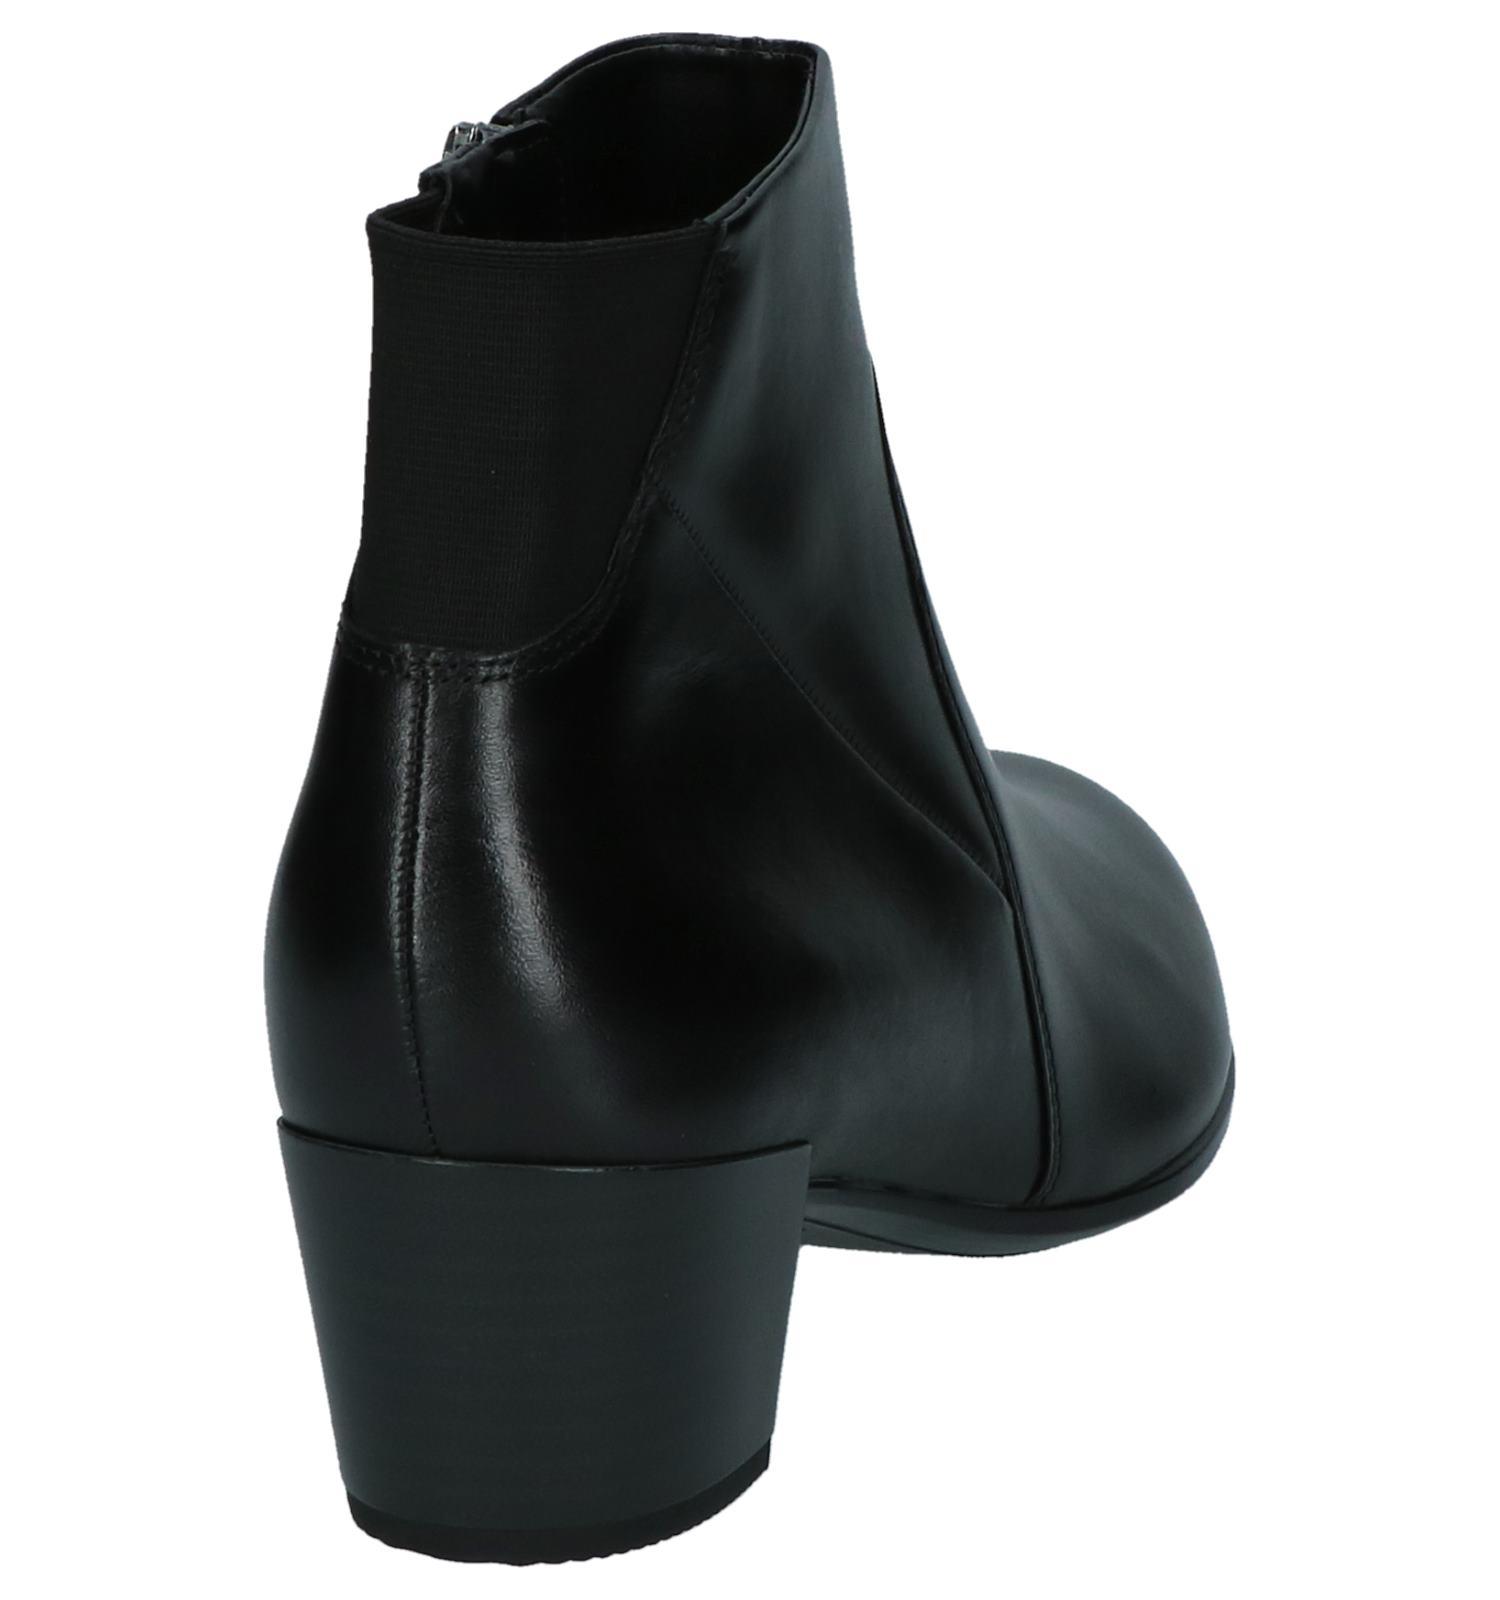 grote zwarte bootys